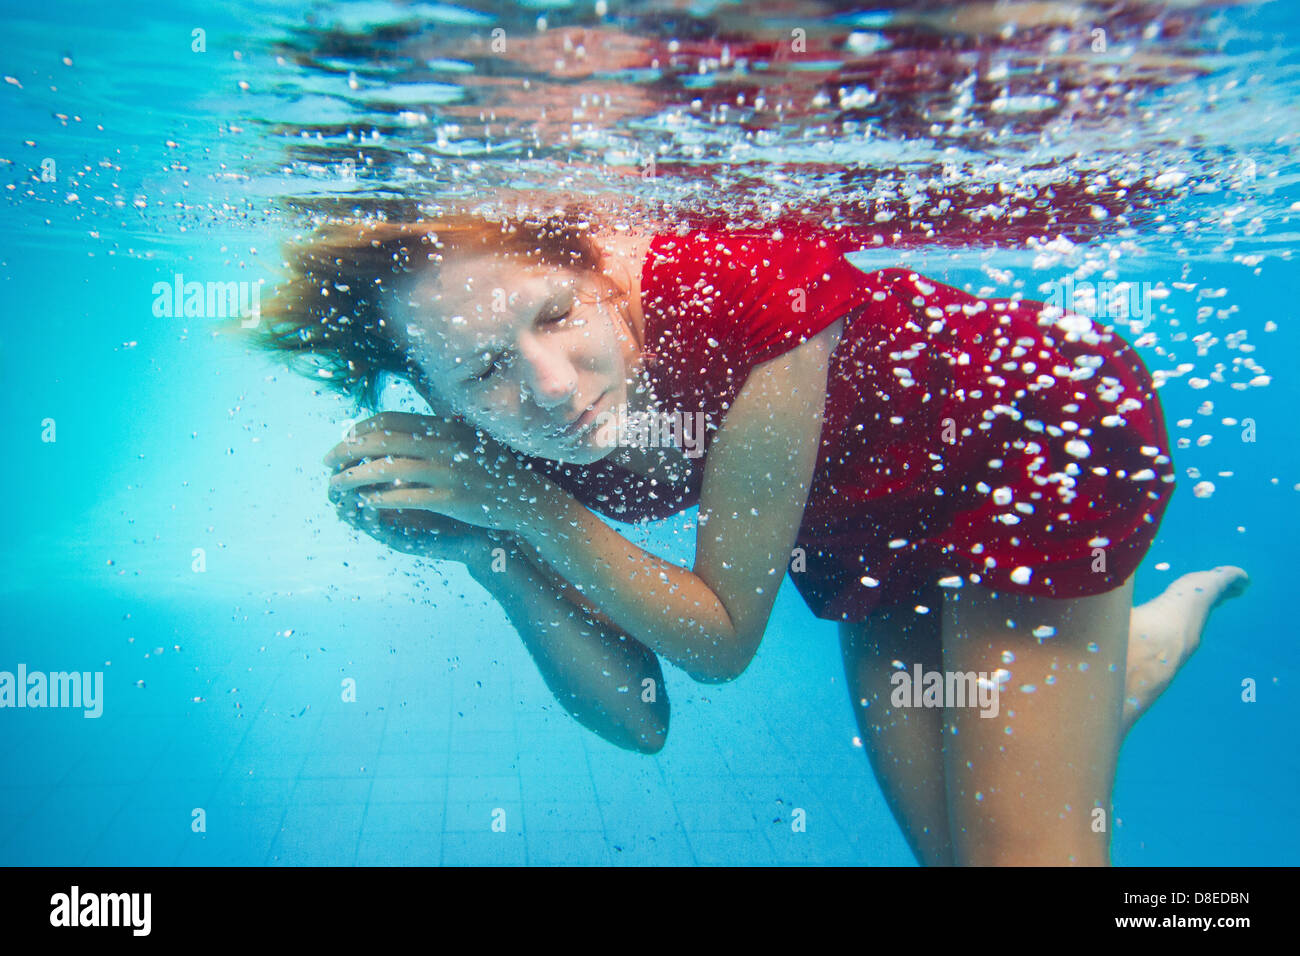 L'imagination, l'underwater portrait de femme en robe rouge Photo Stock